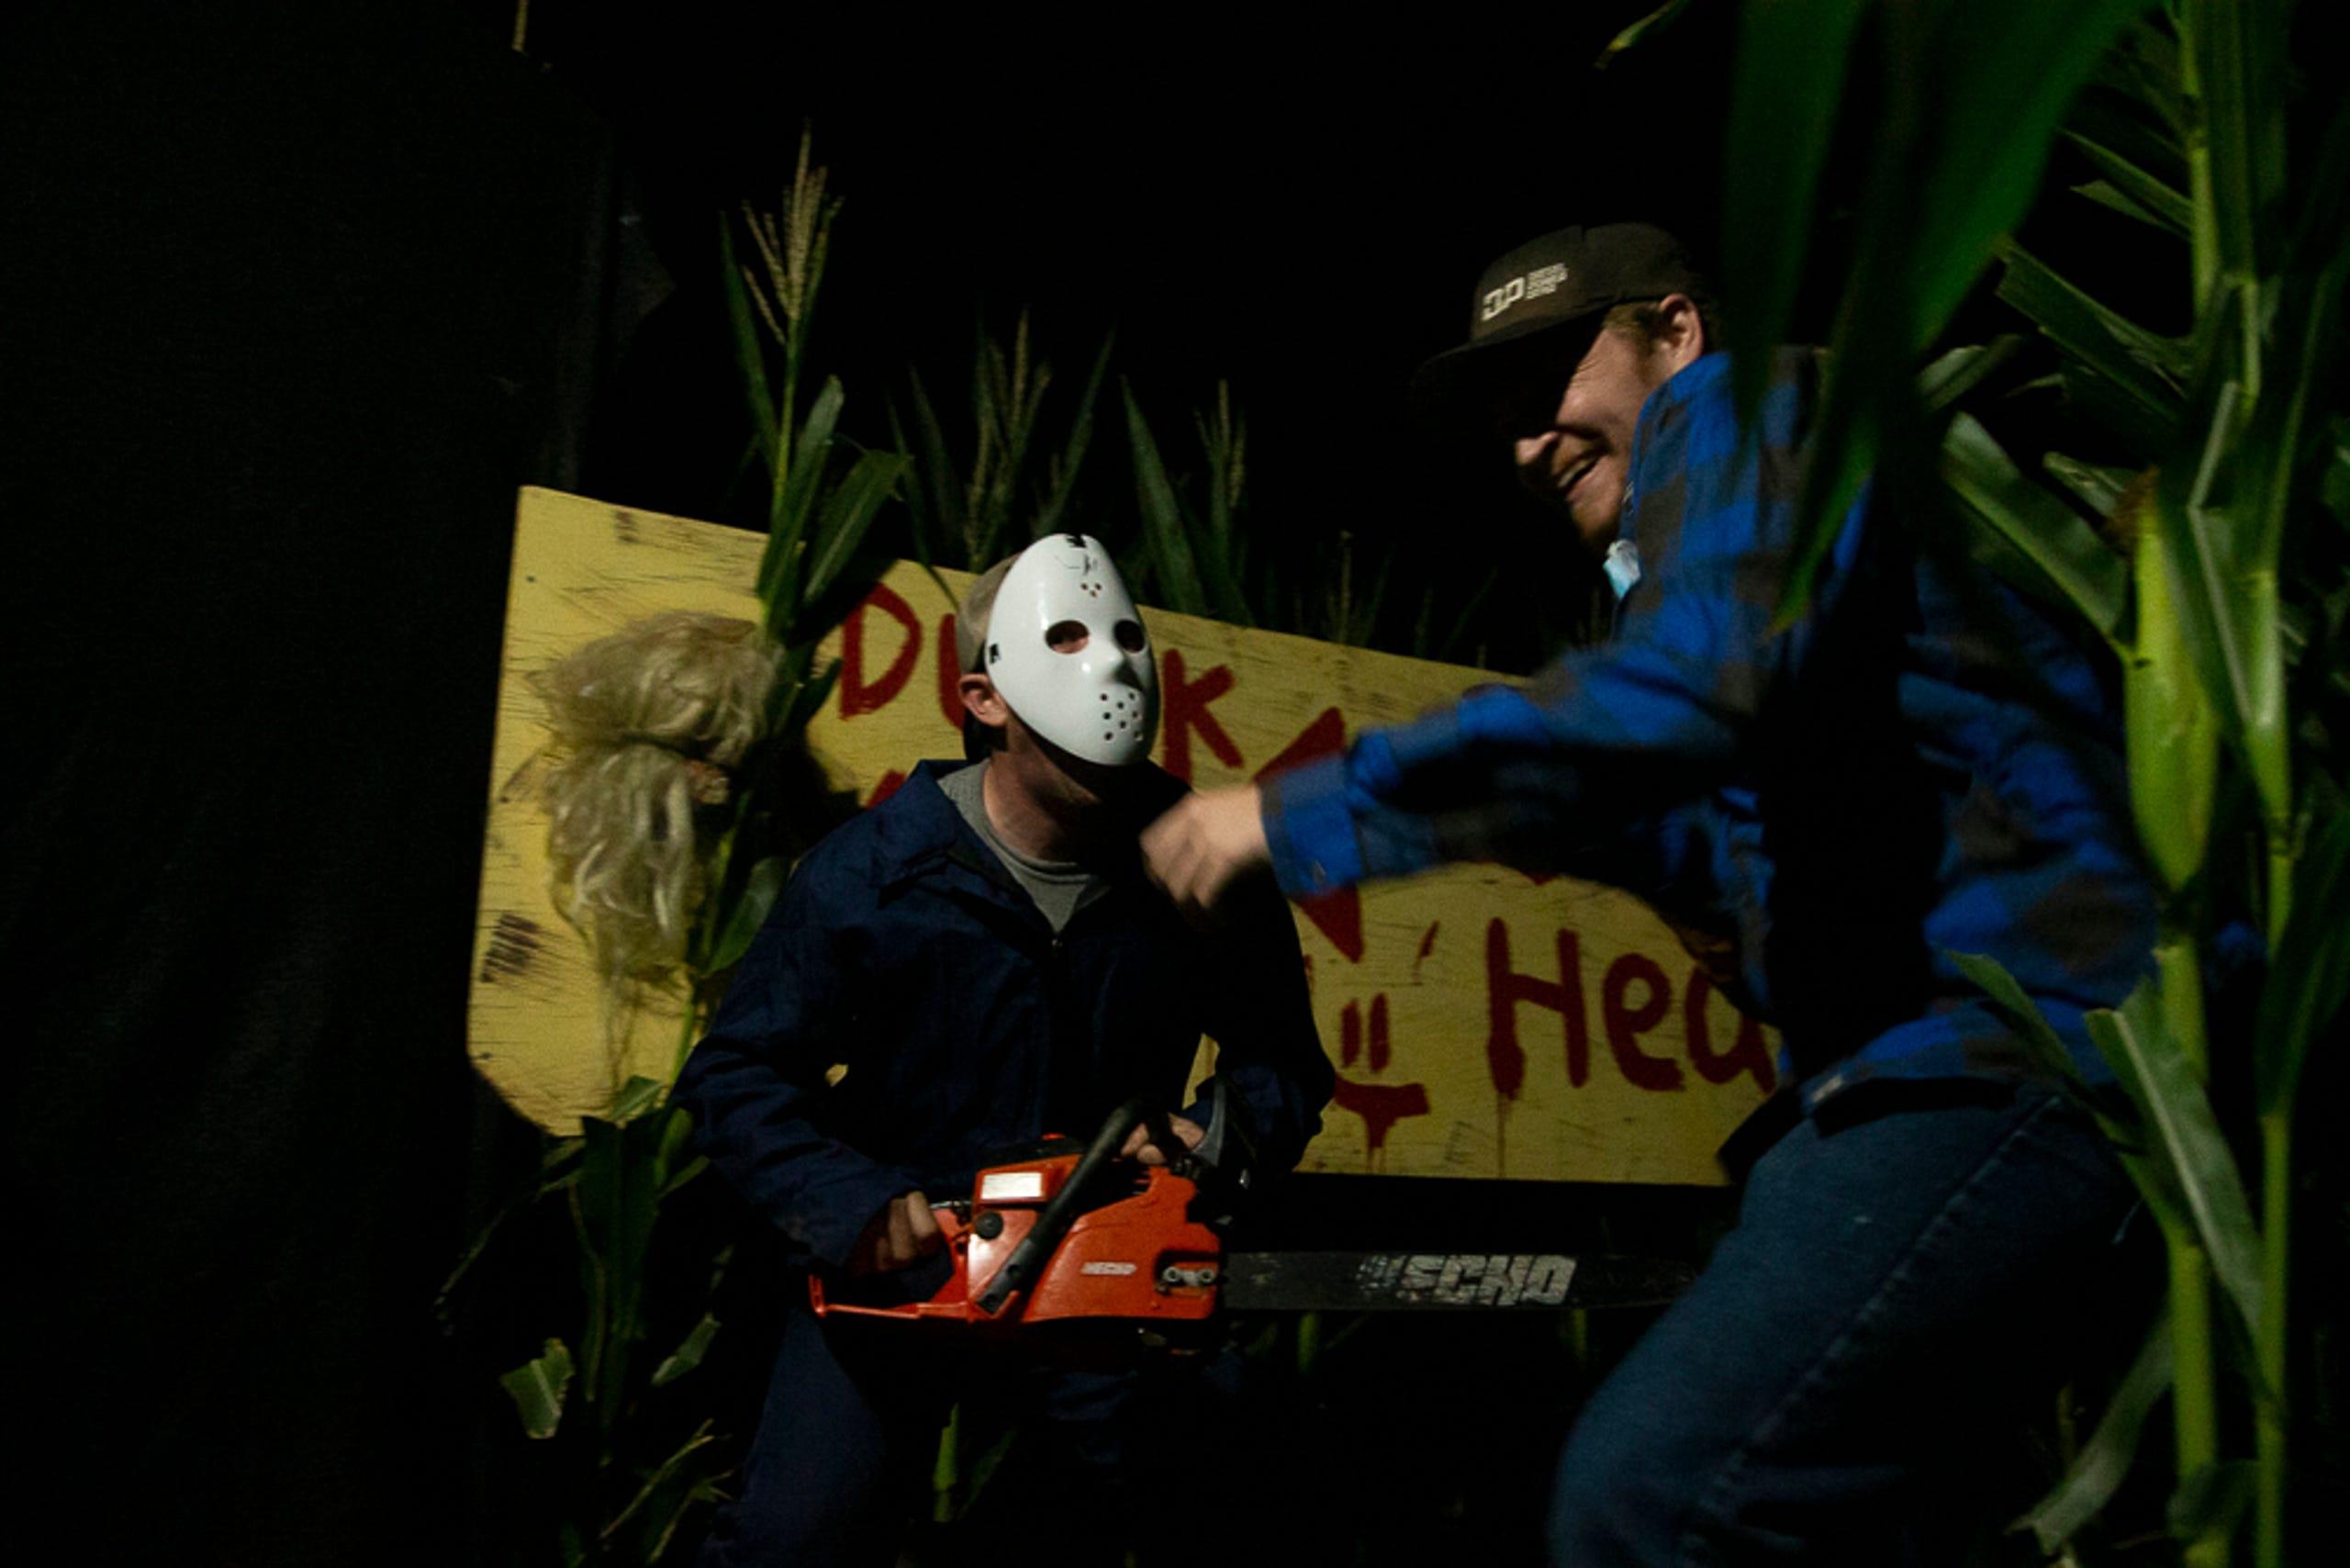 Halloween Az 2020 Halloween 2020: AZ Field of Screams haunted corn maze in Glendale